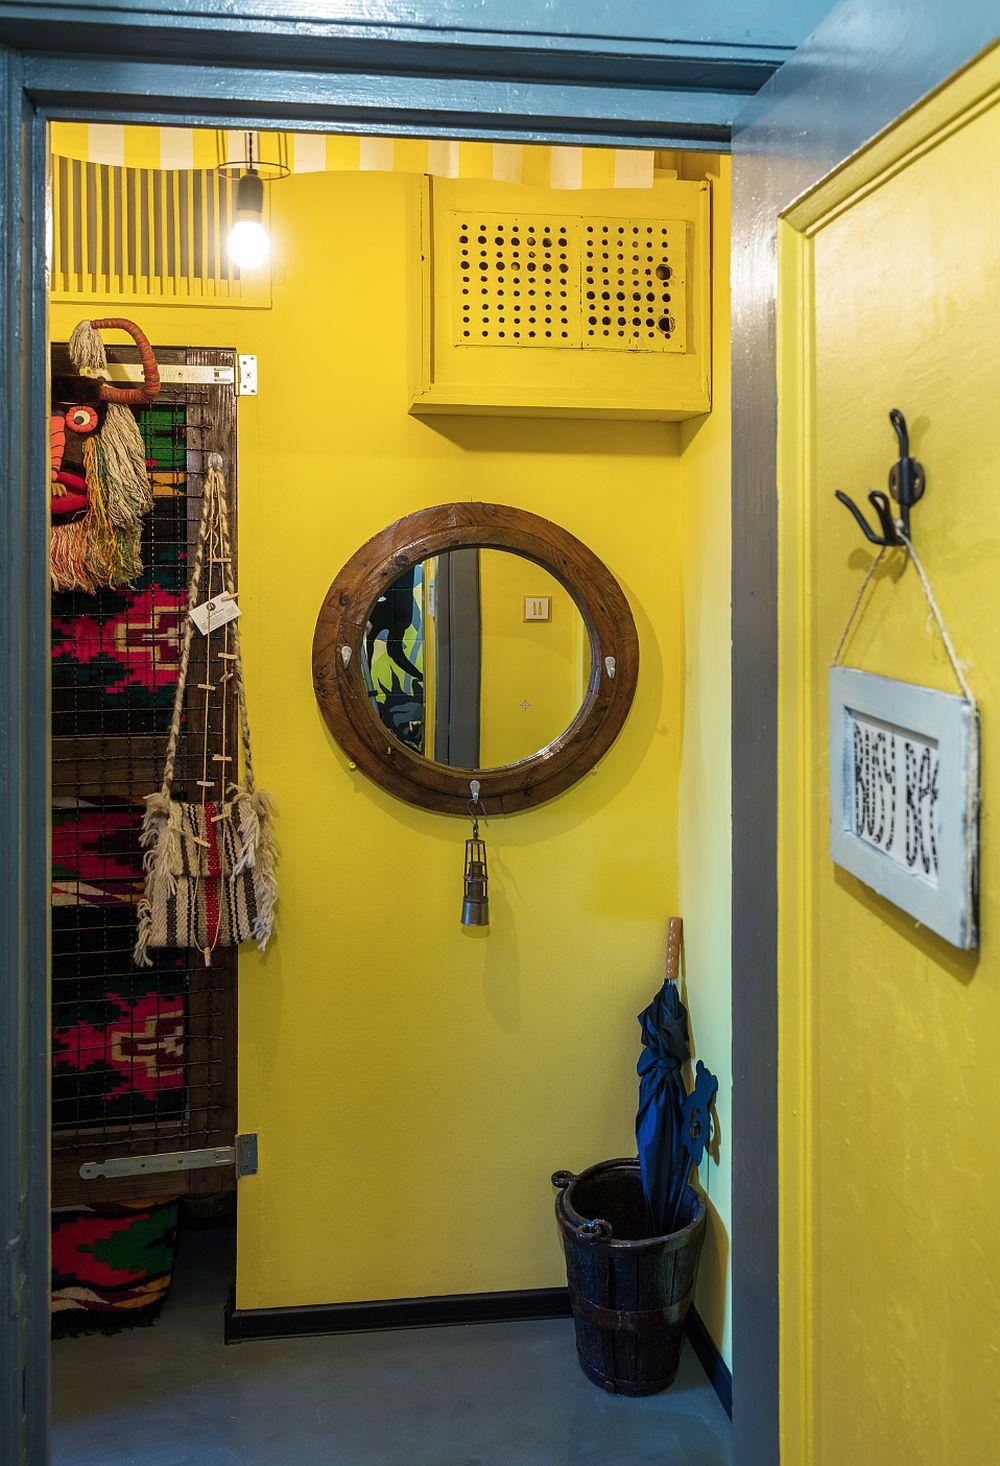 Obiectele folosite pentru decorare și ușoară mobilare sunt din colecția personală a artistei Raluca Băraru, pe care ea le-a regrupat și alăturat altfel. În rama oglinzii rotunde a fixat mici cârlige pentru ca ea să fie folosită și pe post de cuier sau suport pentru chei. Pe un alt peret o scândură simplă cu o agățătoare poate fi folosită pentru haine.